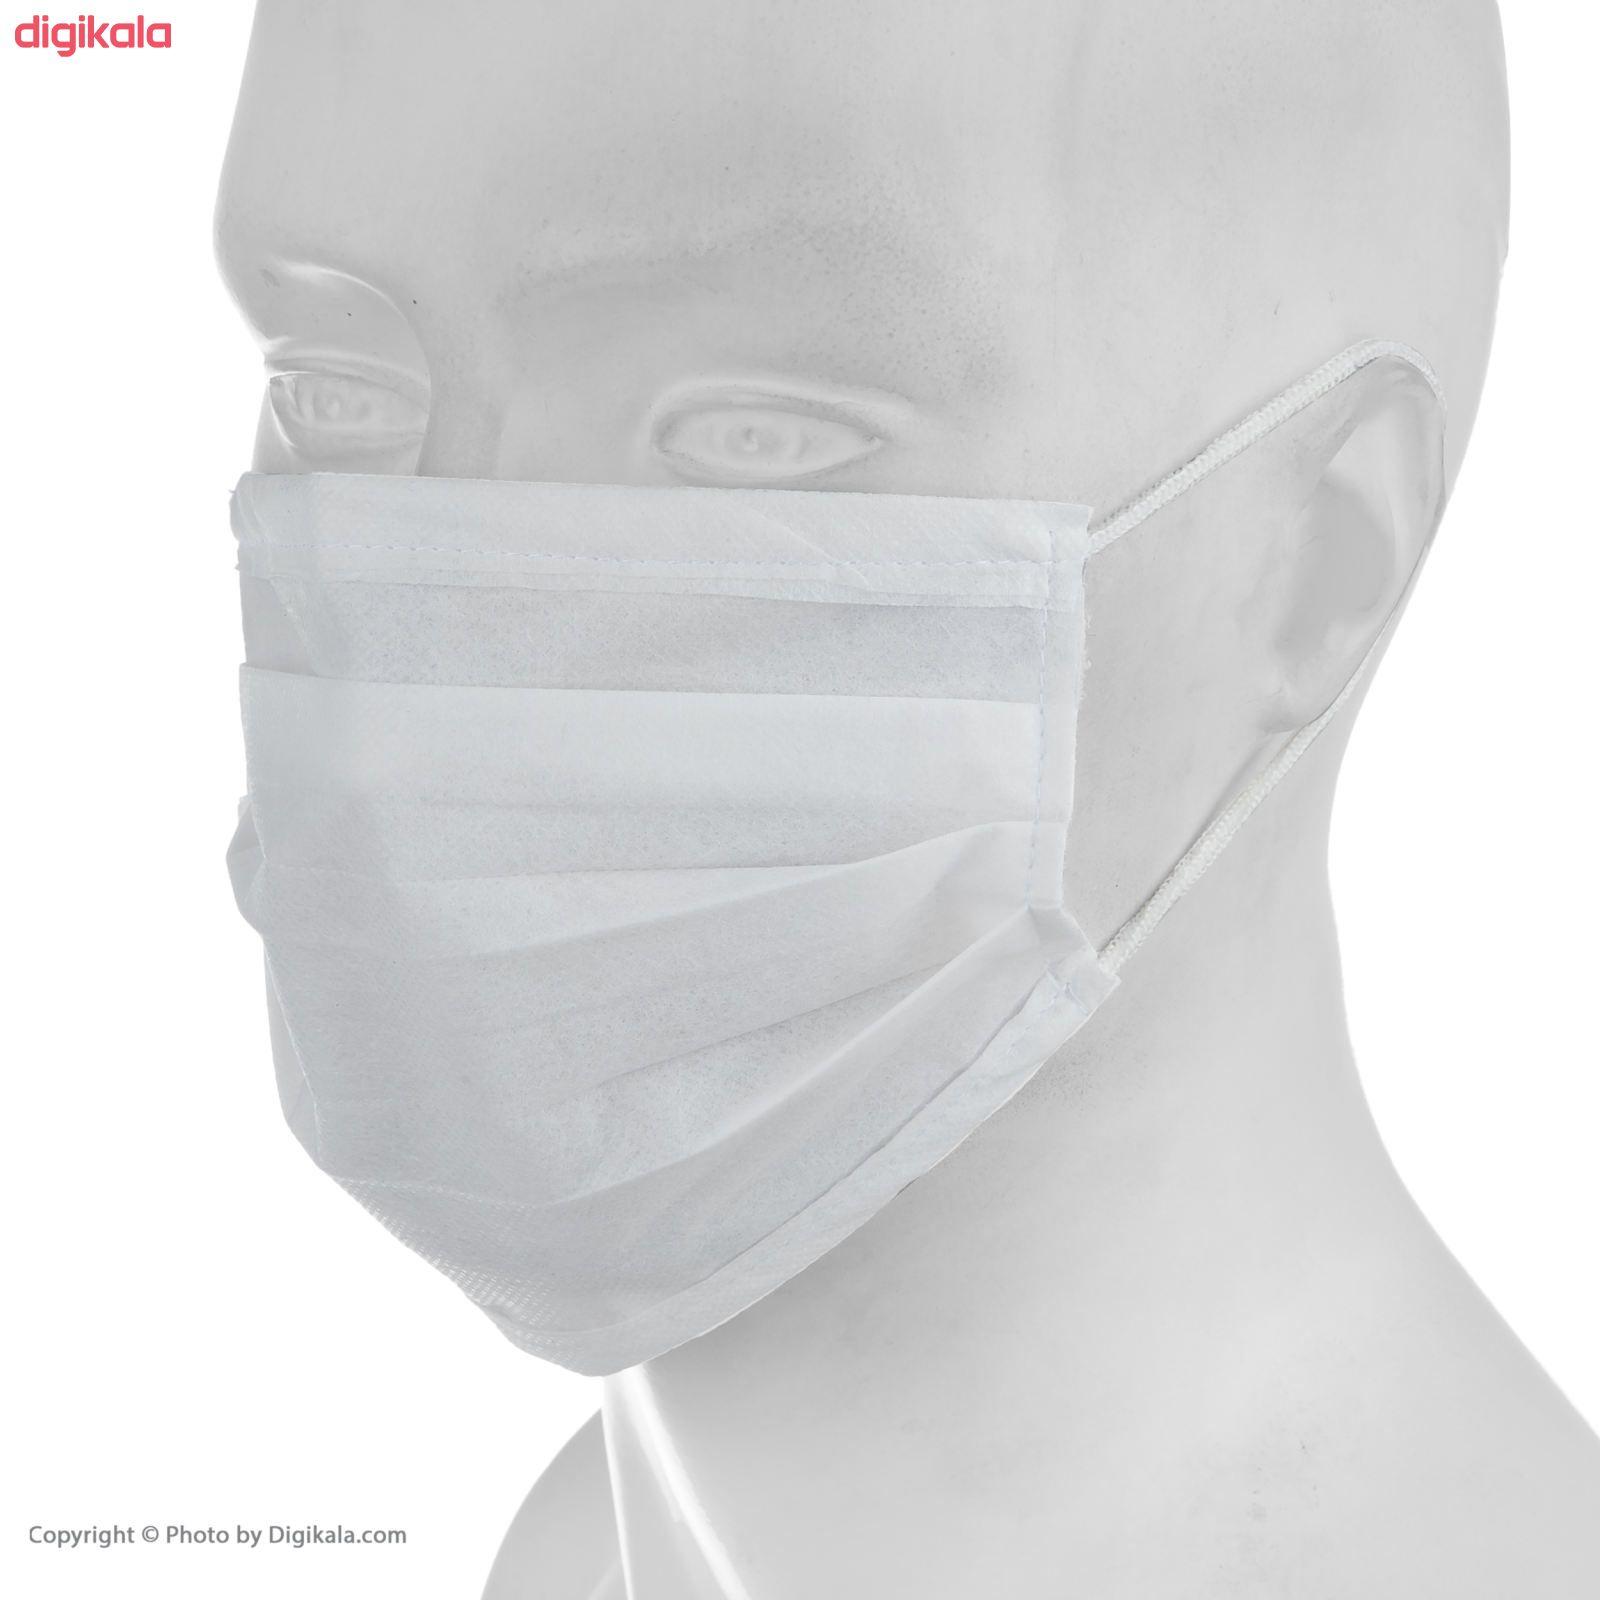 ماسک تنفسی مدل SB1 بسته 50 عددی main 1 2